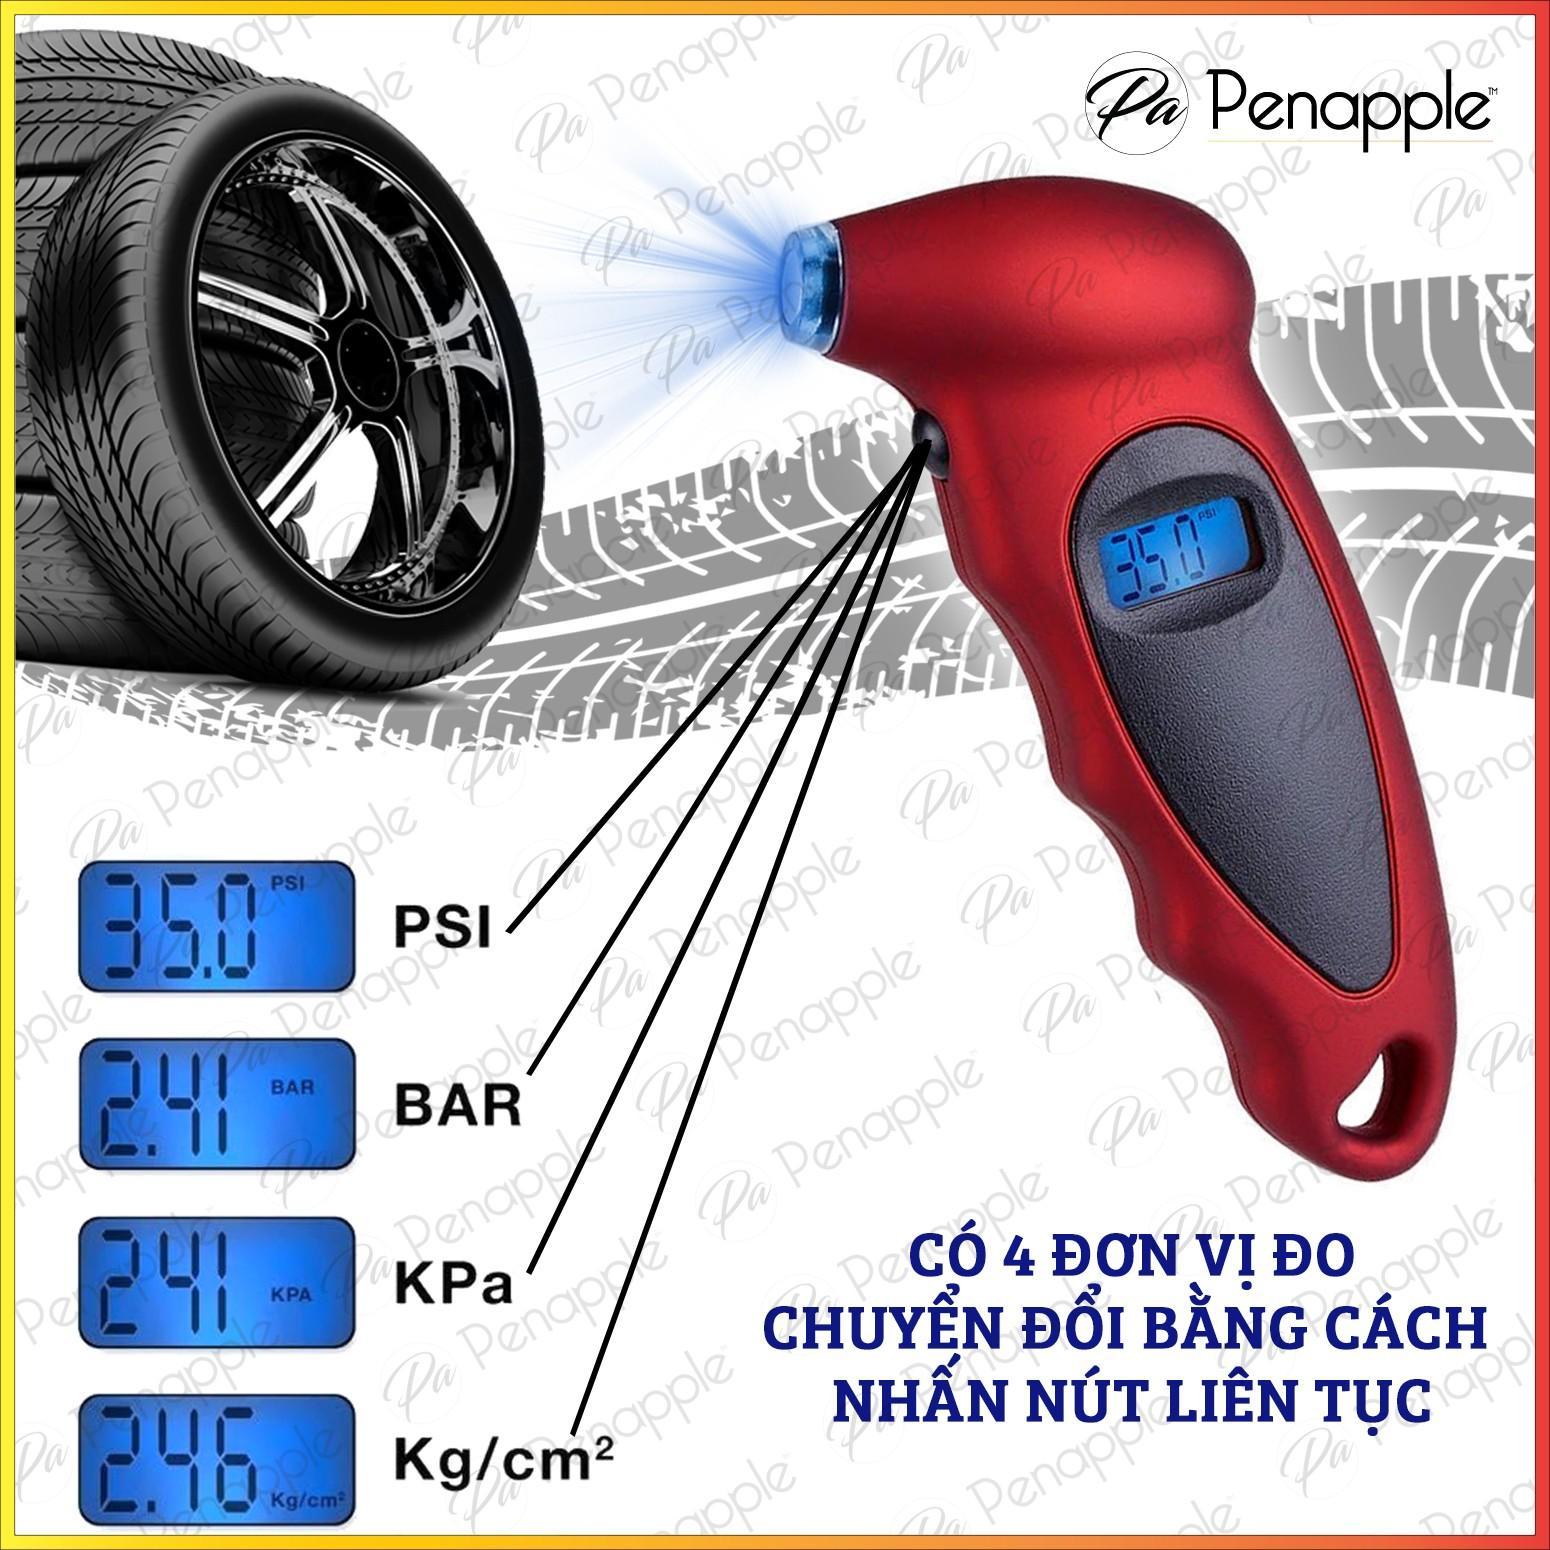 Đồng hồ đo áp suất lốp có màn hình led hiển thị - Hàng cao cấp